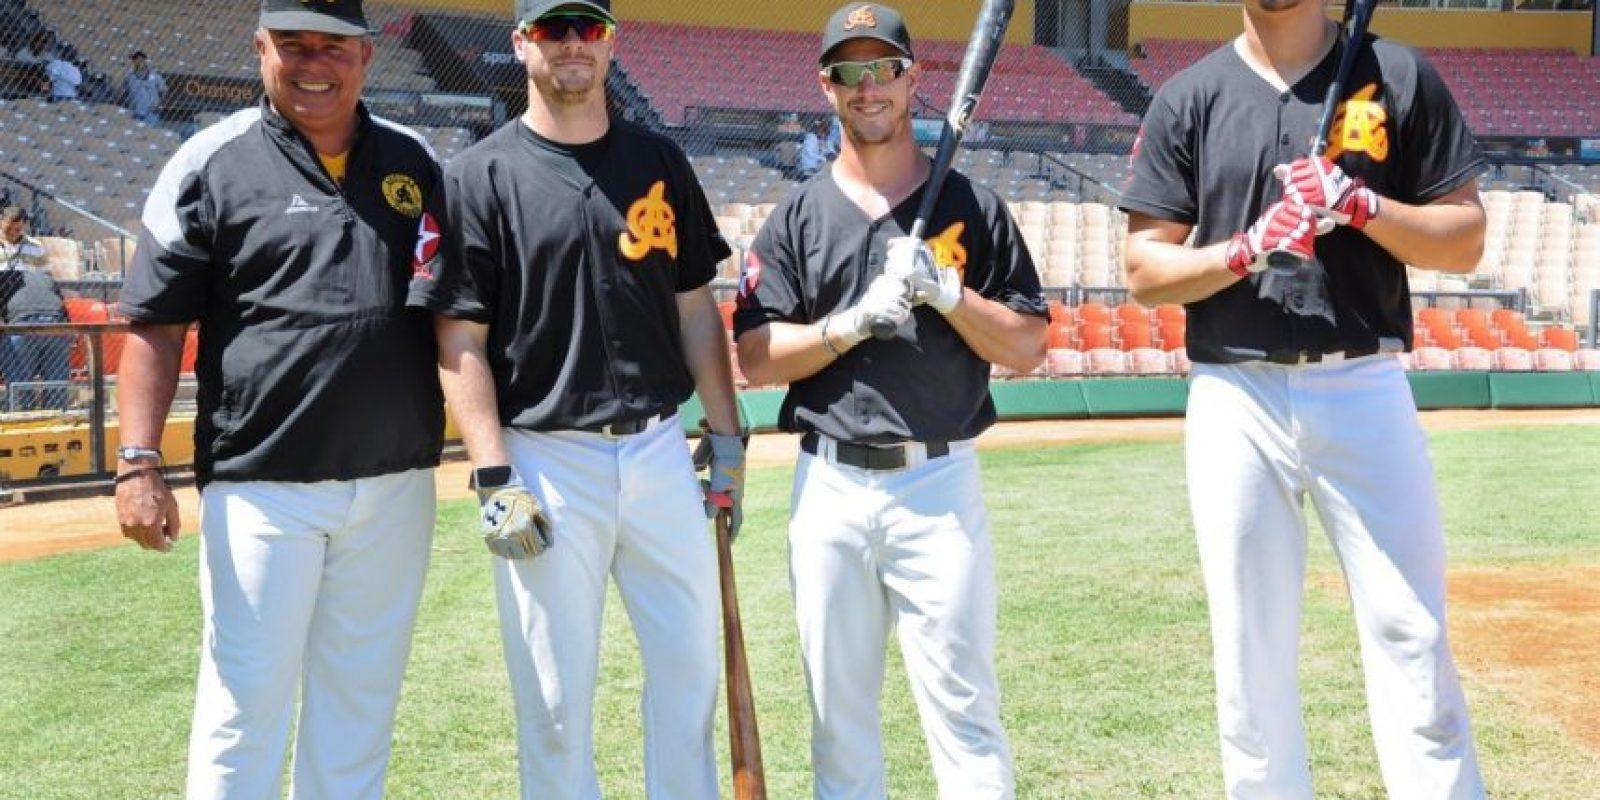 Félix Fermin junto a Andrew Knapp, Boog Powel, y Dylan Cozens Foto:Fuente externa